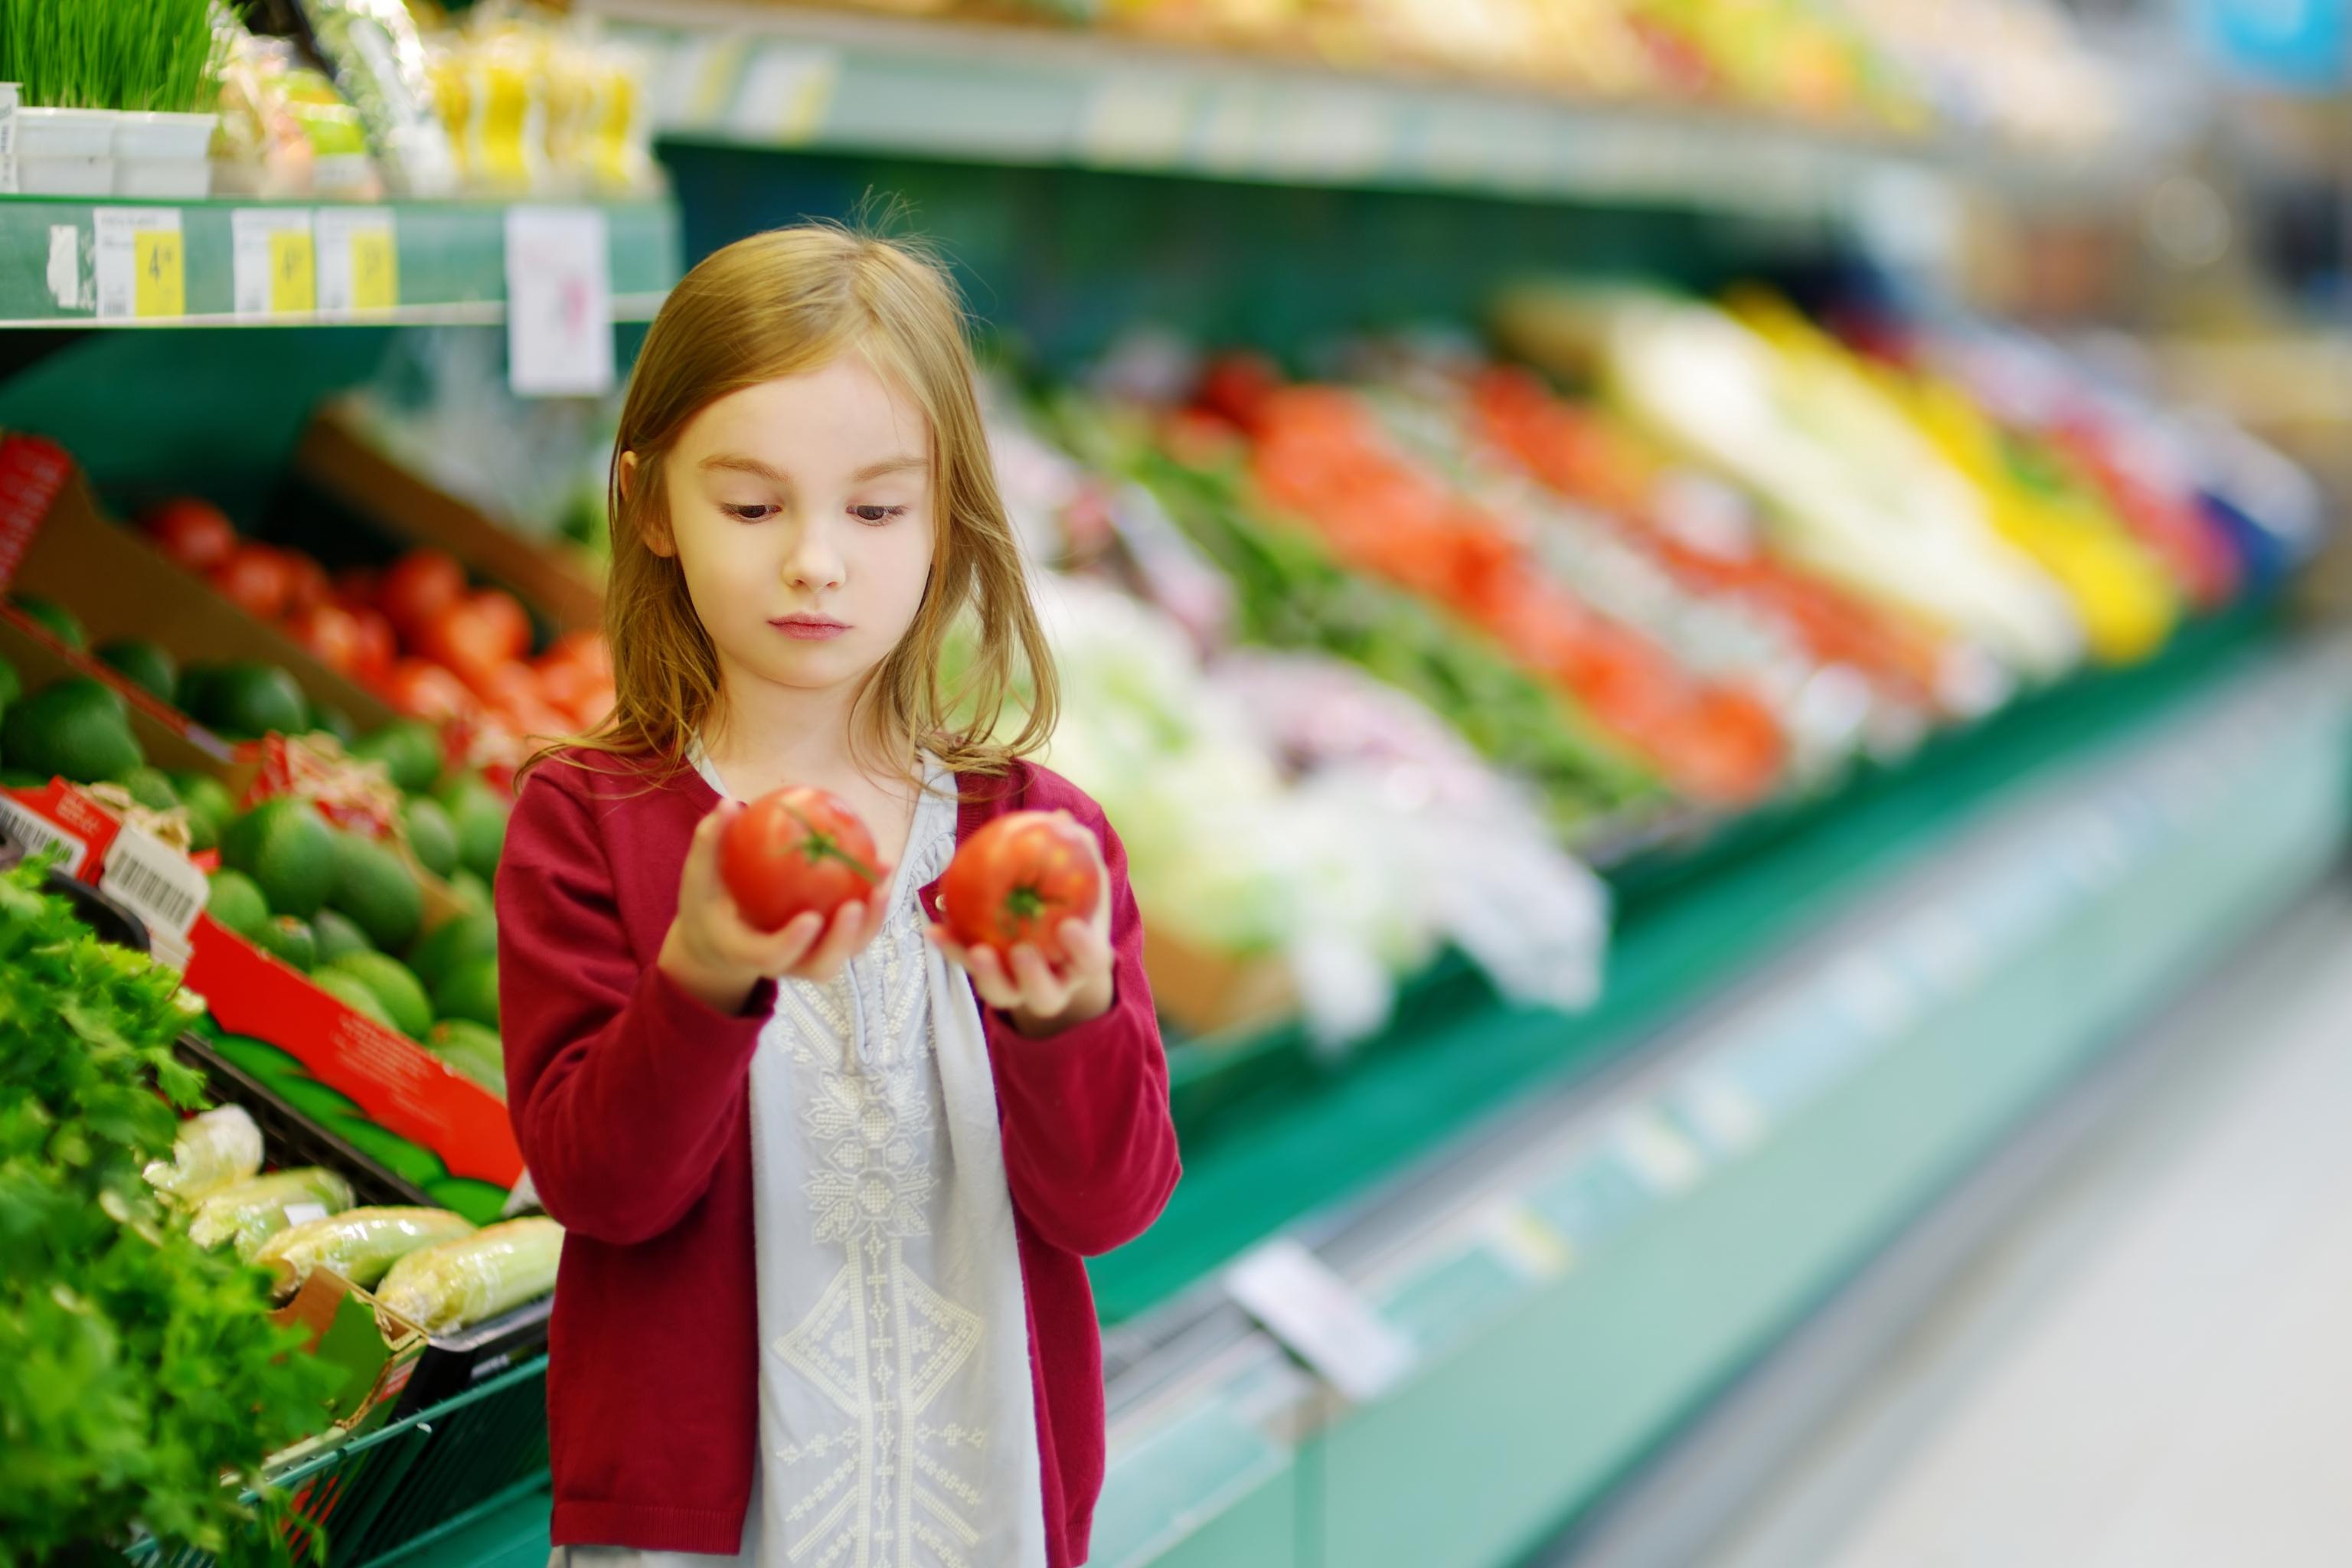 Undersökningen tyder på att du  genom att välja ekologisk mat skulle kunna minska halten av bekämpningsmedel i kroppen.